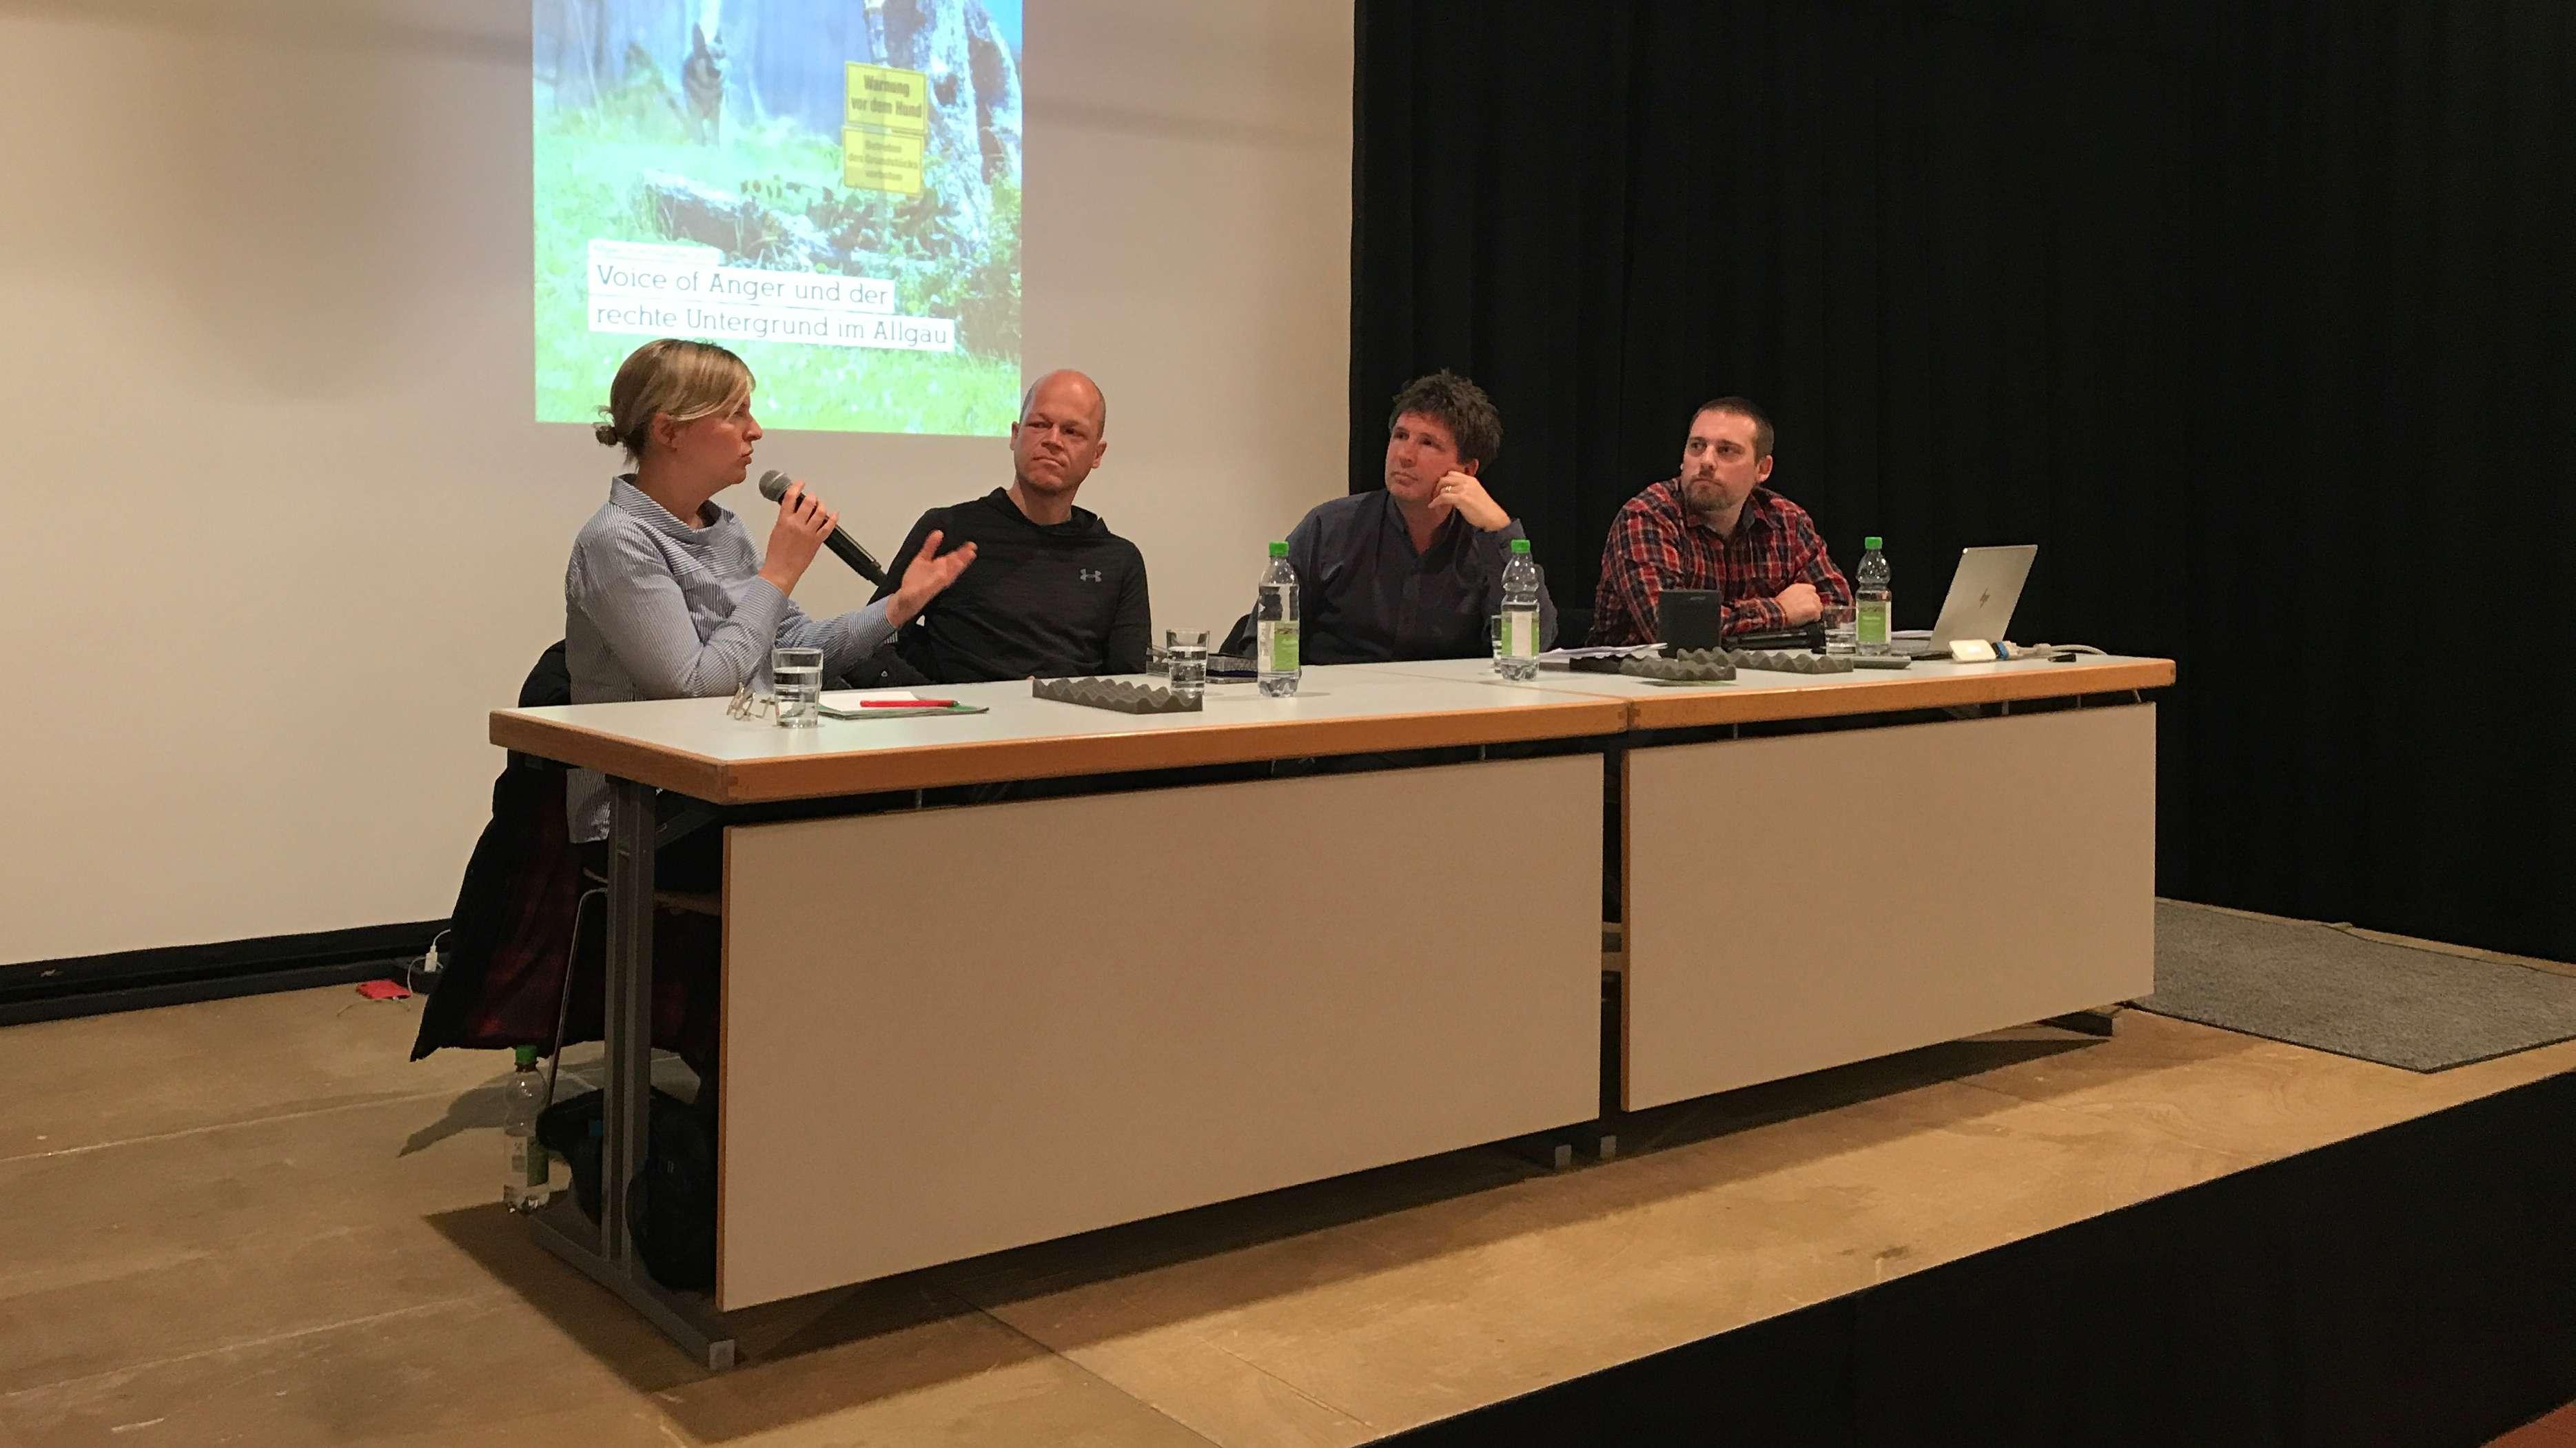 Grünen-Fraktionschefin Katharina Schulze, Journalist Robert Andreasch, Moderator Thies Marsen und Journalist Sebastian Lipp bei einer Podiumsdiskussion in Memmingen